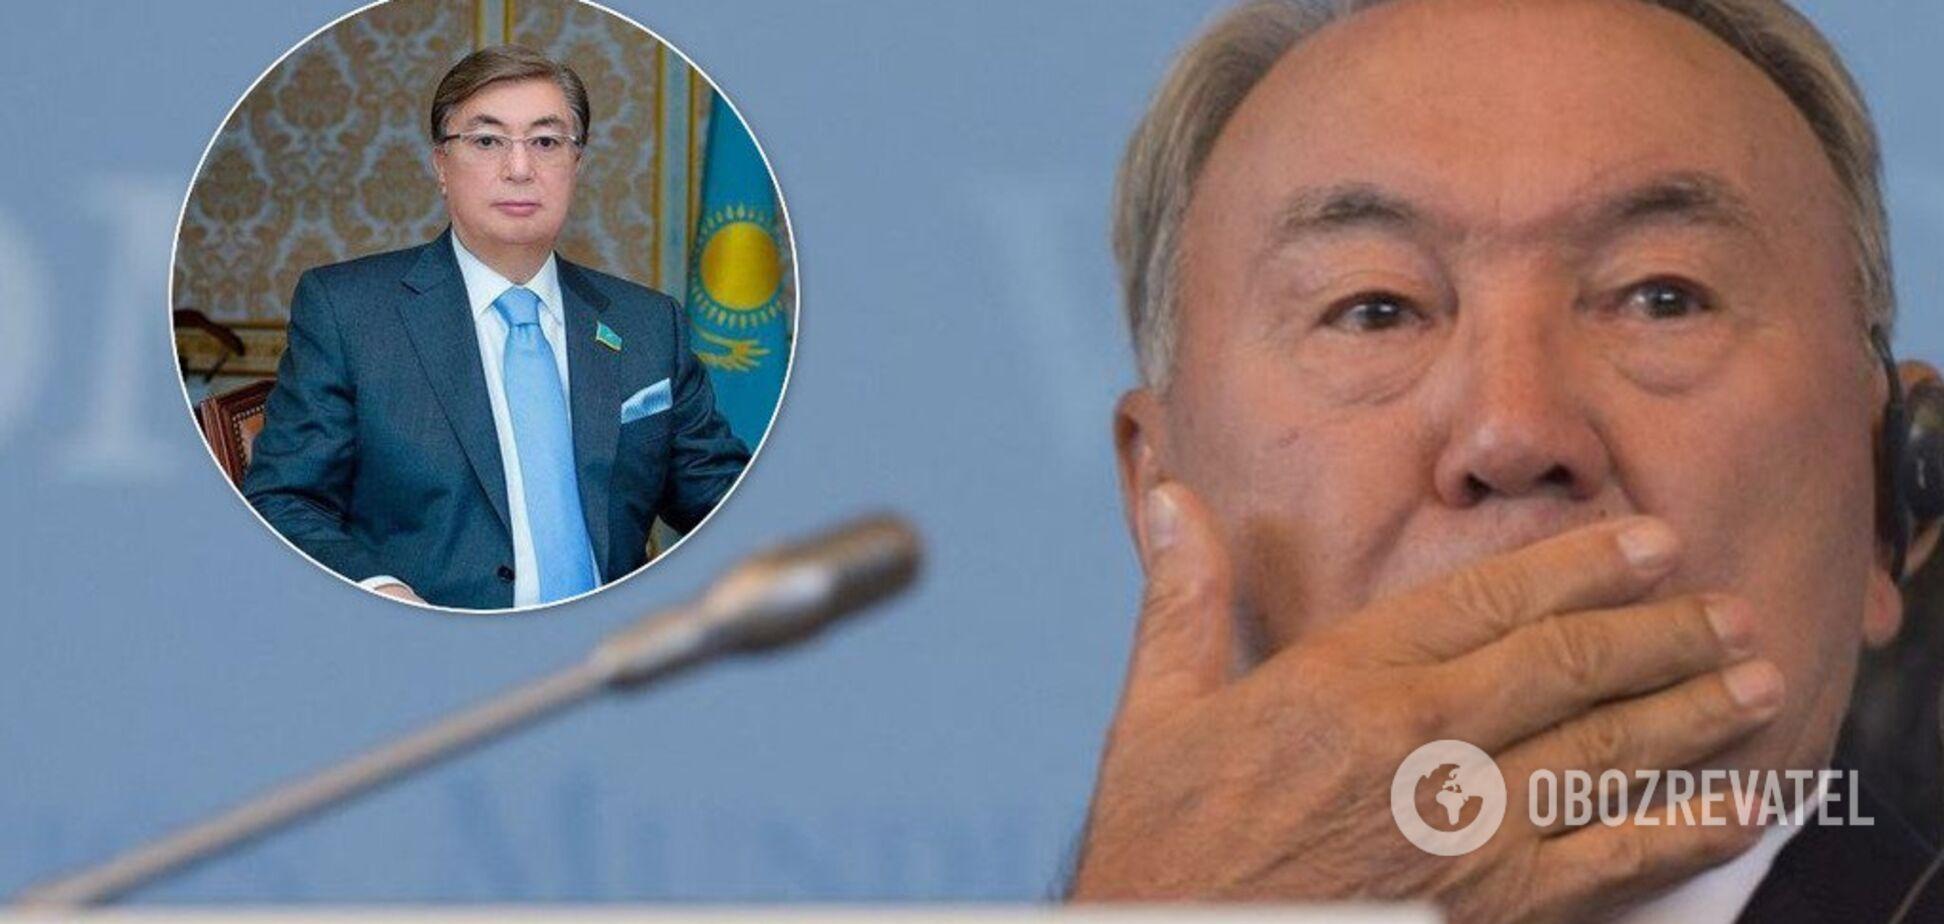 'Власть в одних руках': правозащитник объяснил, кто на самом деле будет руководить Казахстаном